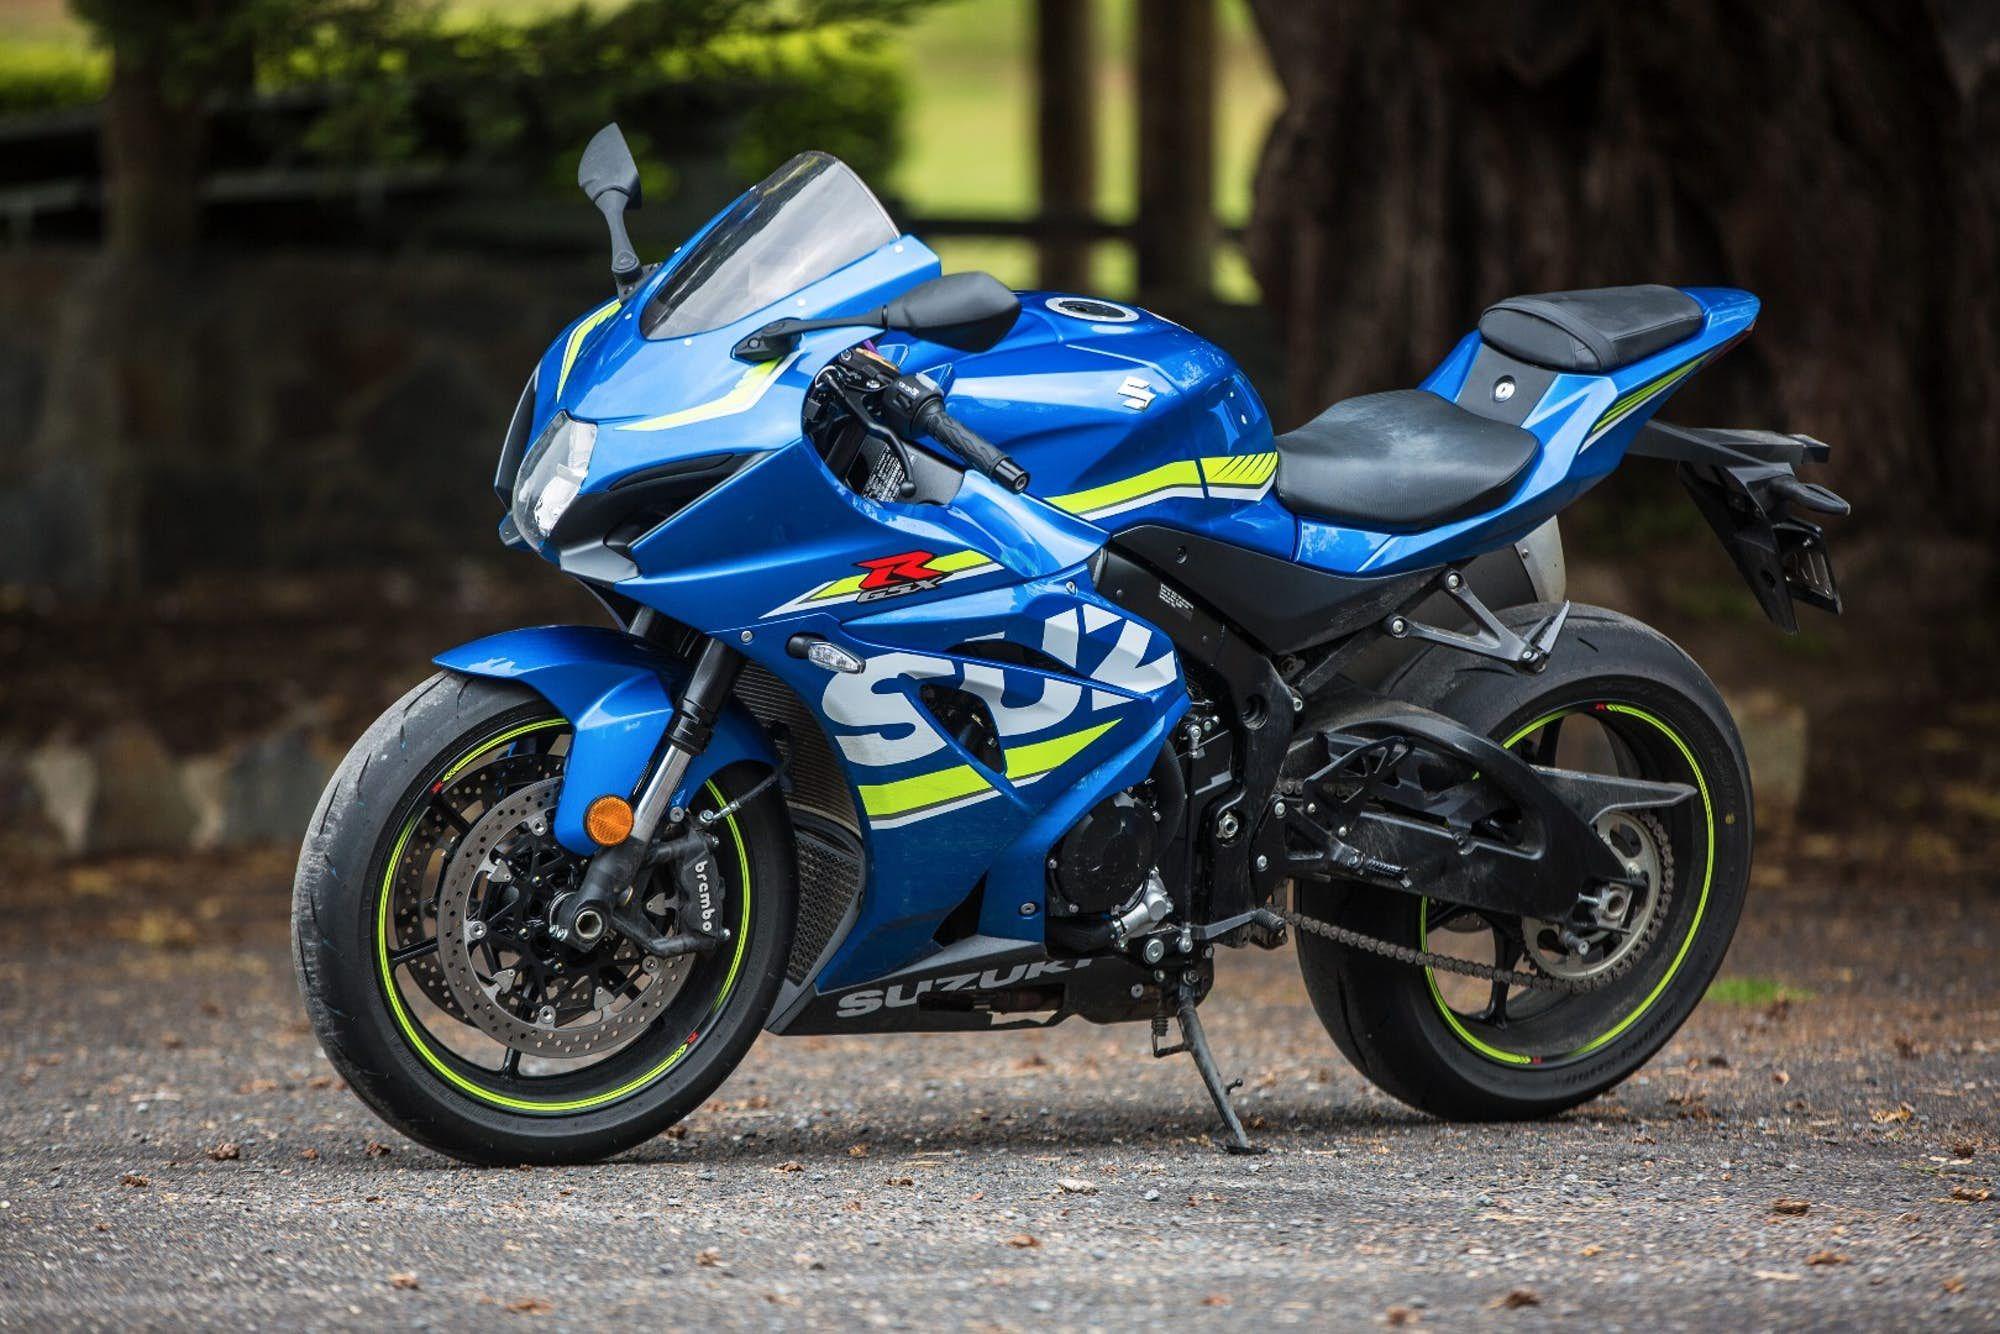 2017 Suzuki GSX-R1000 review: The Big Gixxer is back with a vengeance | Suzuki gsx, Suzuki gsxr1000, Gsx